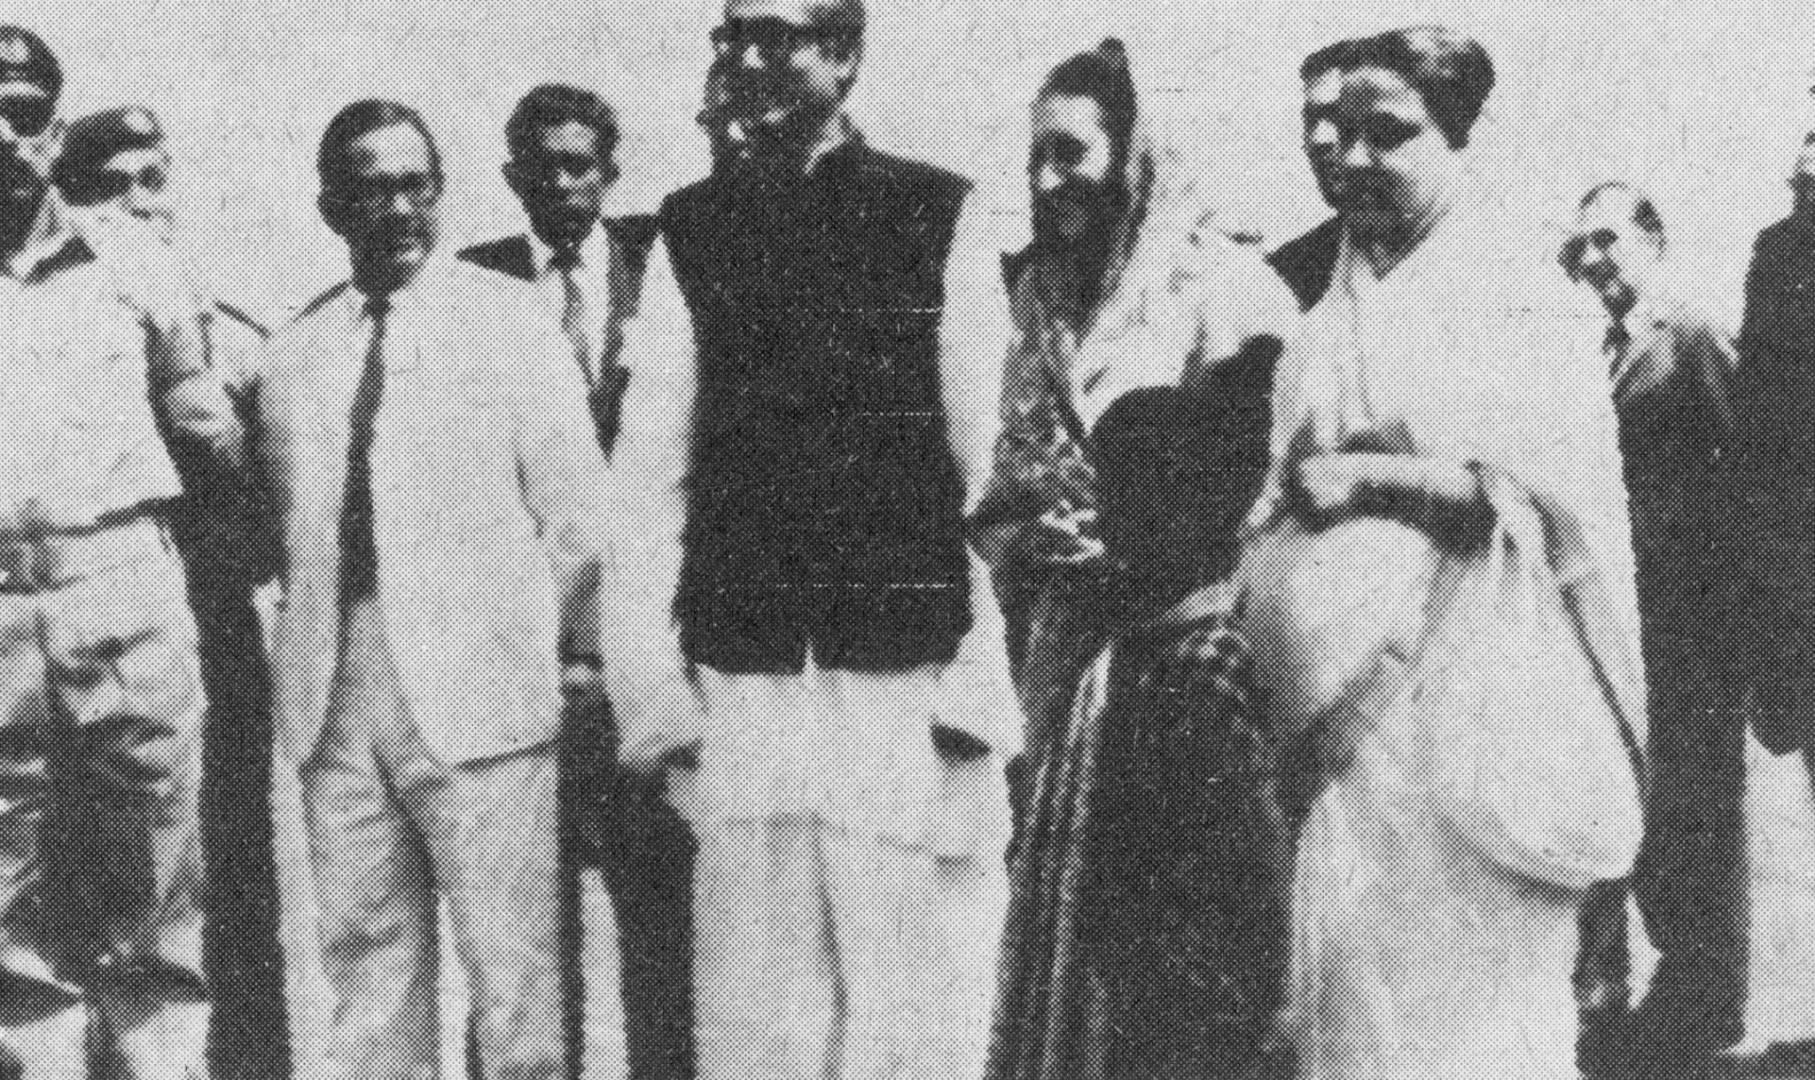 الشيخ مجيب الرحمن لدى استقباله أنديرا غاندي في مطار داكا.. صورة أرشيفية